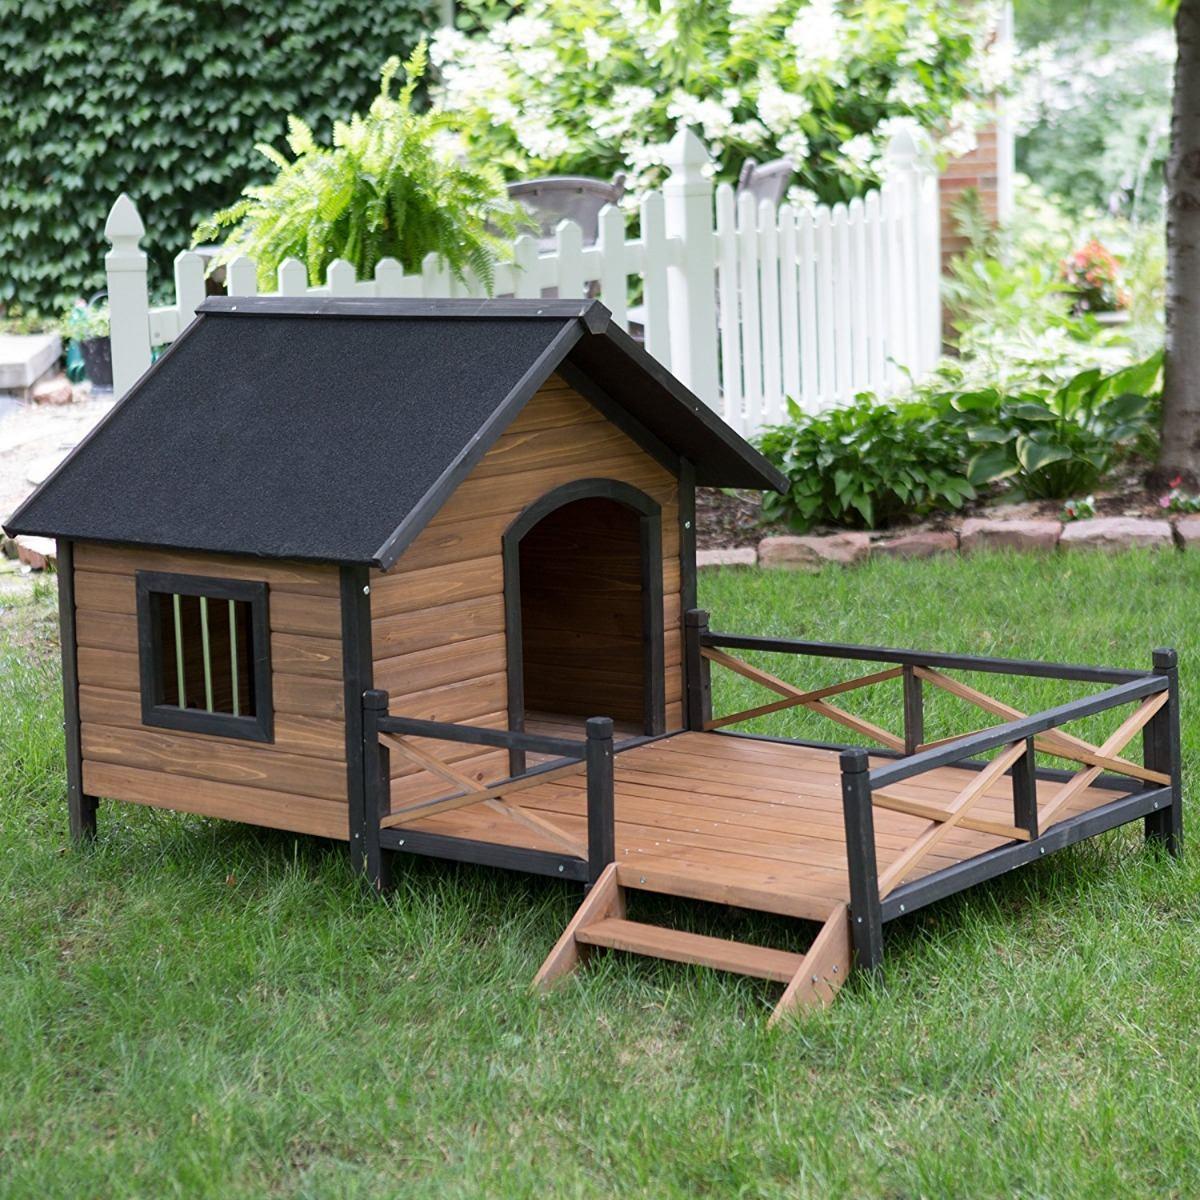 Casa perro grande con porche madera maciza de pino - Casas de madera de pino ...